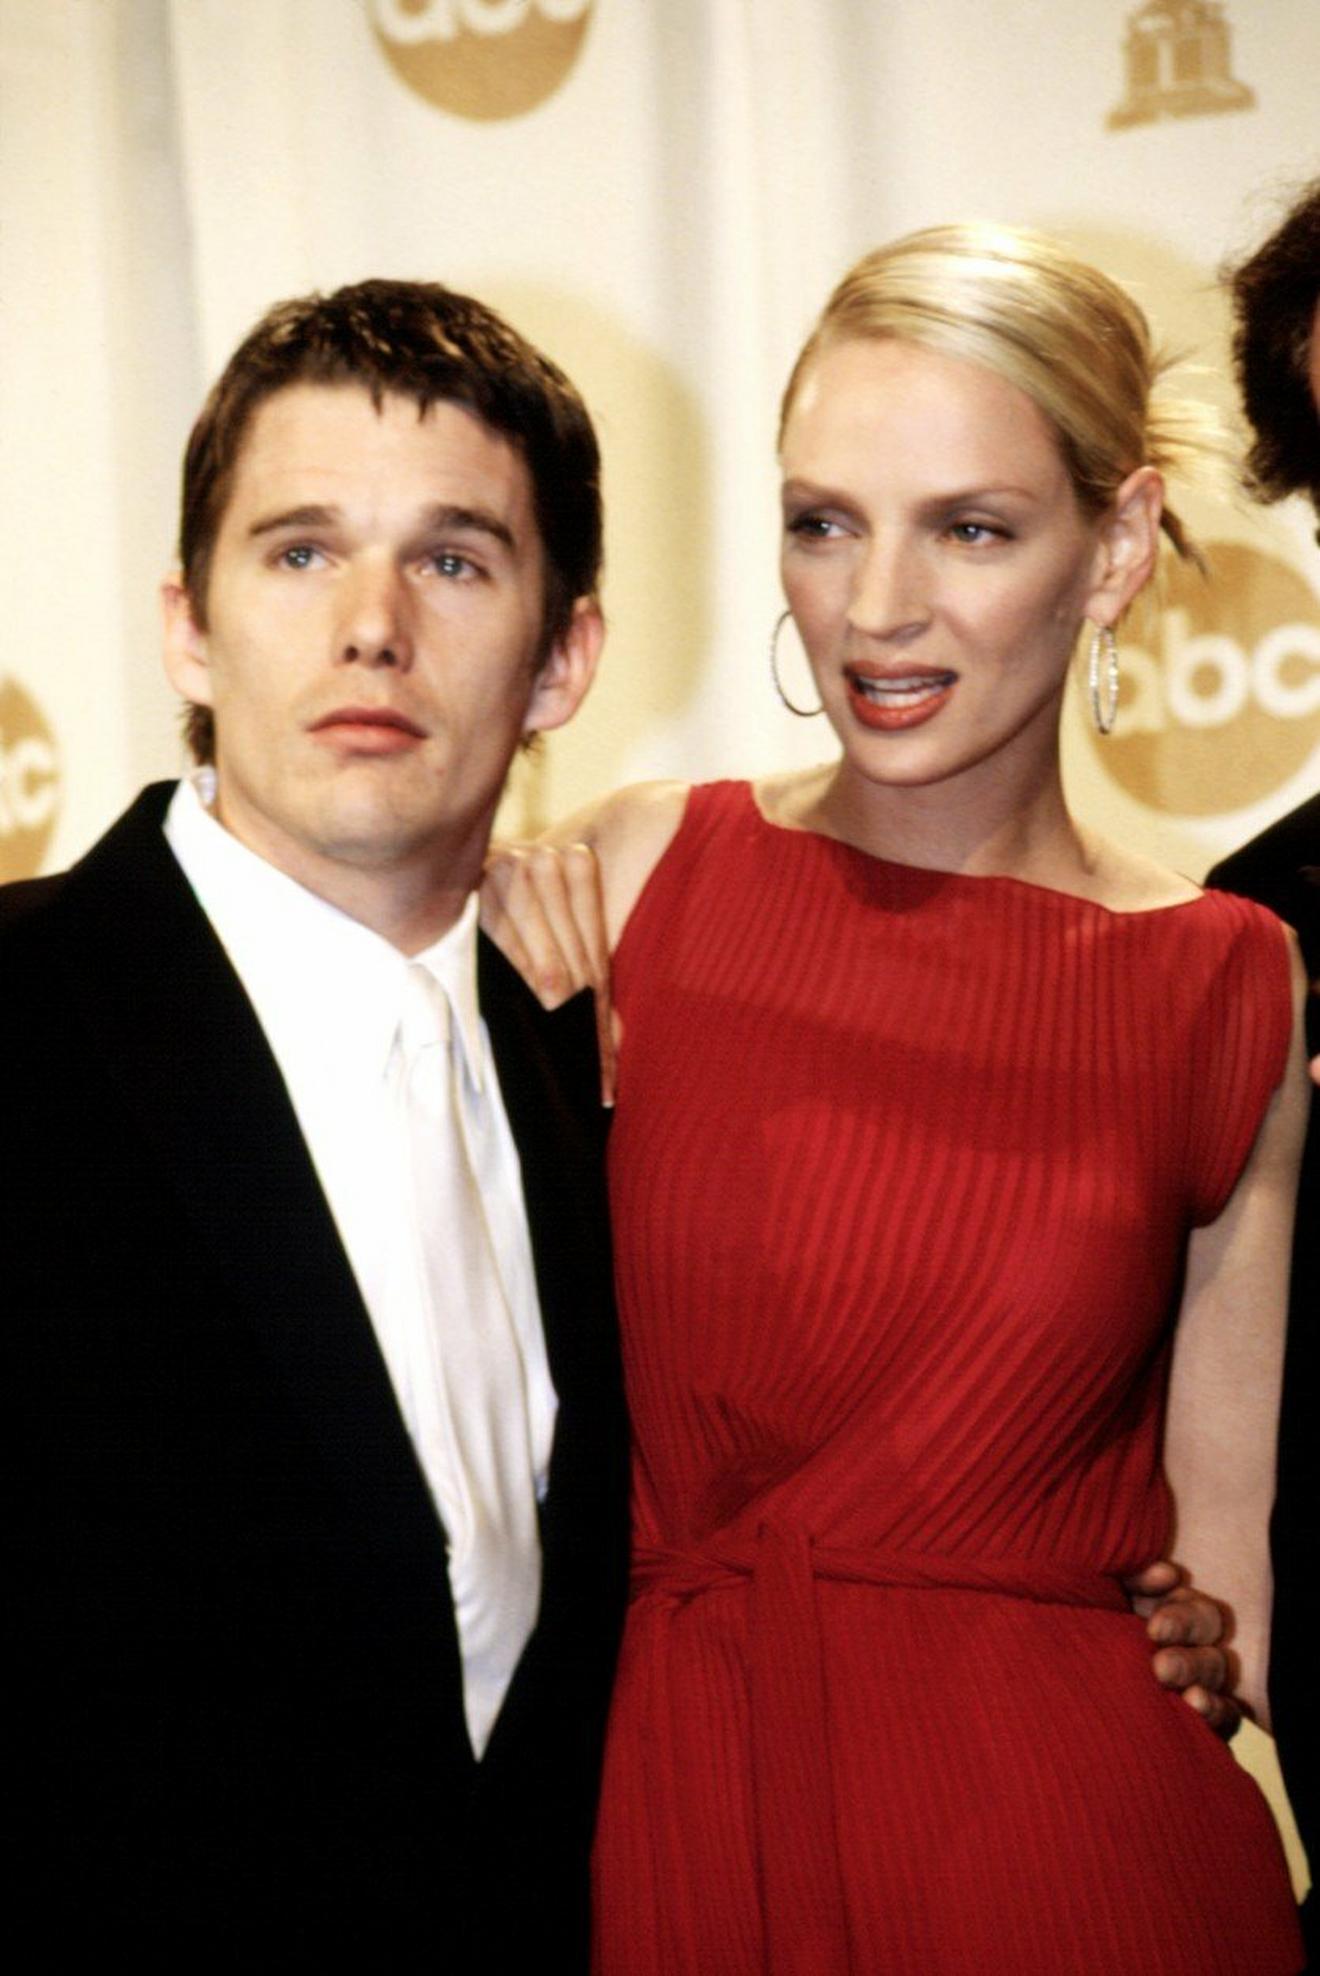 Sa bivšom suprugom na dodeli Oskara 2000. u Los Anđelesu: Uma Turman i Itan Hok